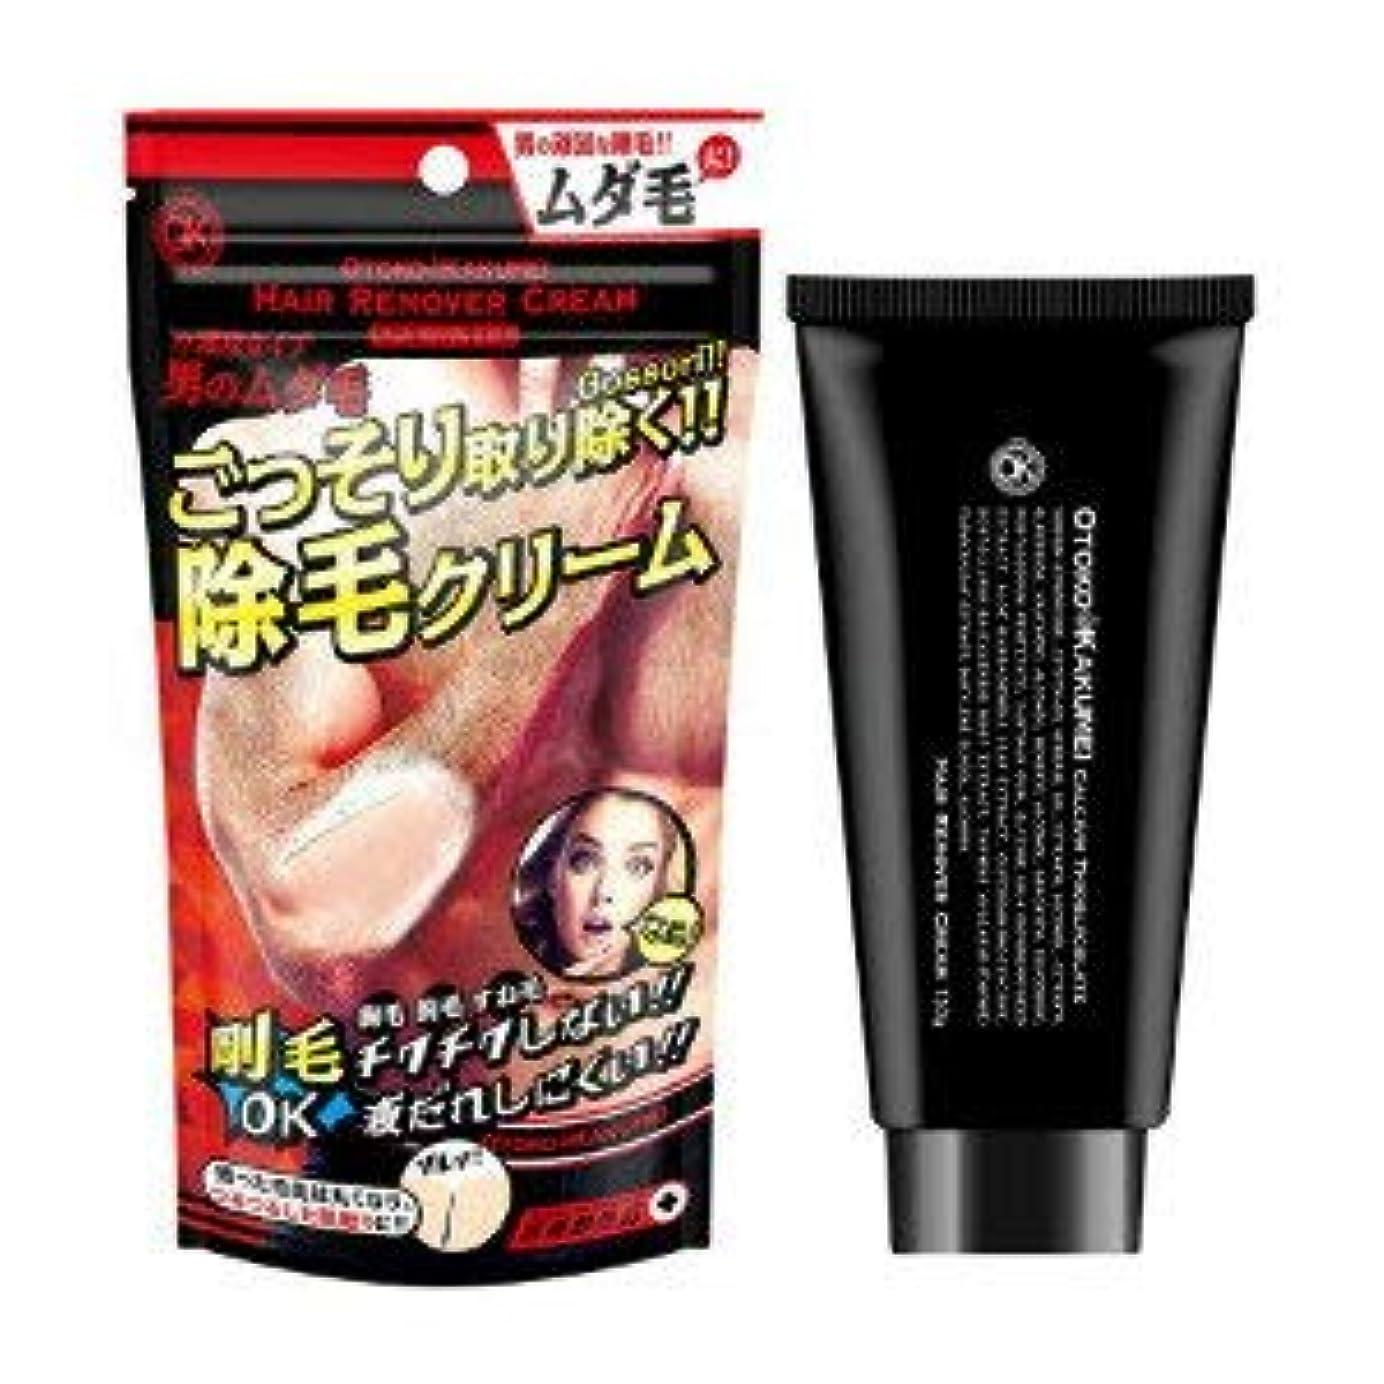 中級認証かみそりGR OTOKO KAKUMEI ヘアリムーバークリーム 130g×3個セット (医薬部外品)